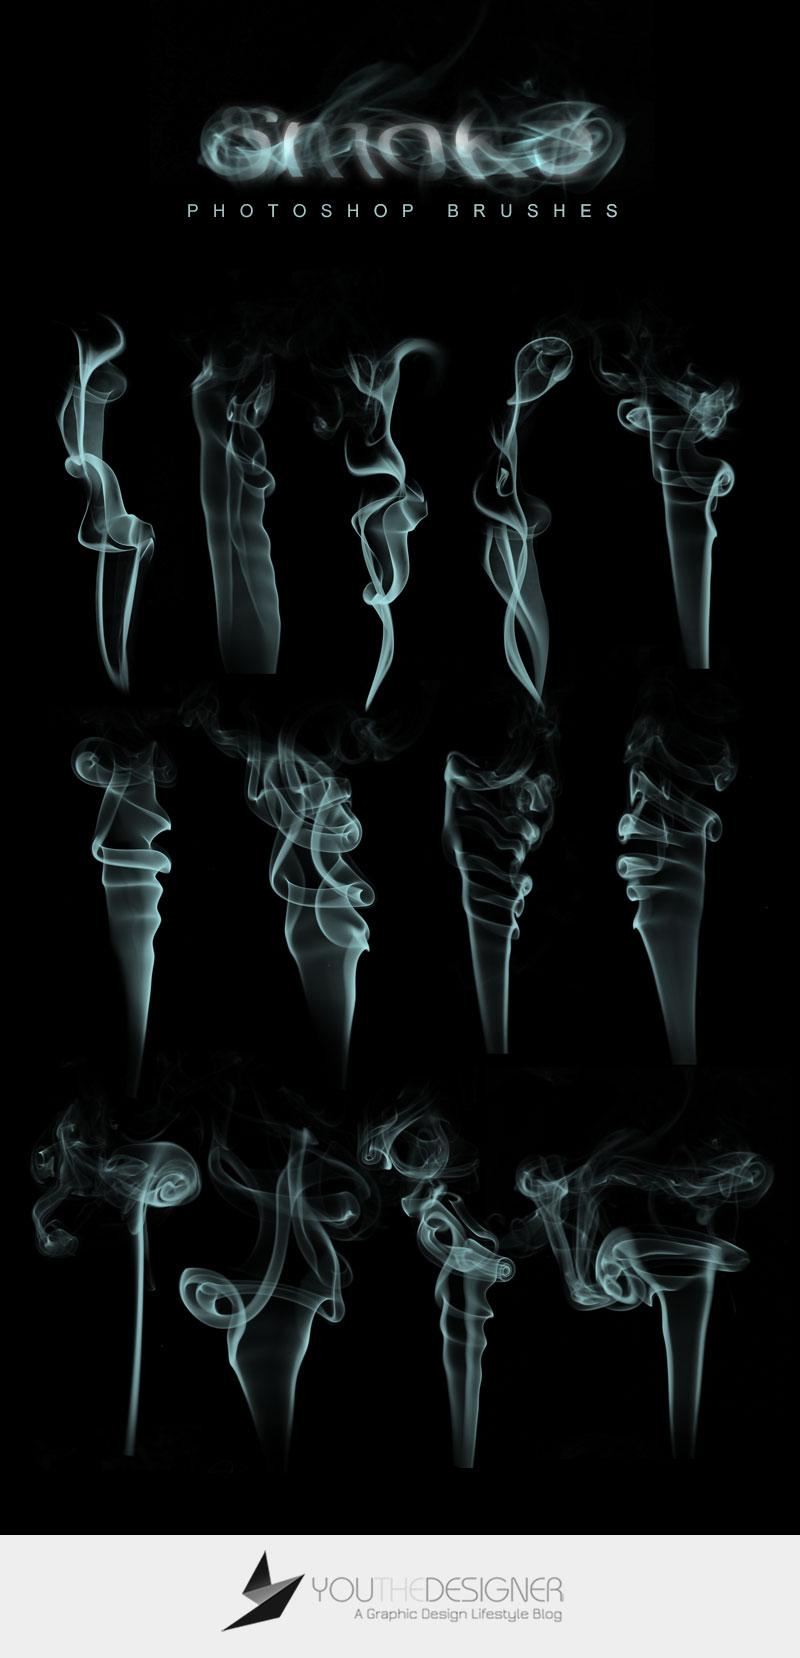 Smoke-Brushes-via-You-The-Designer